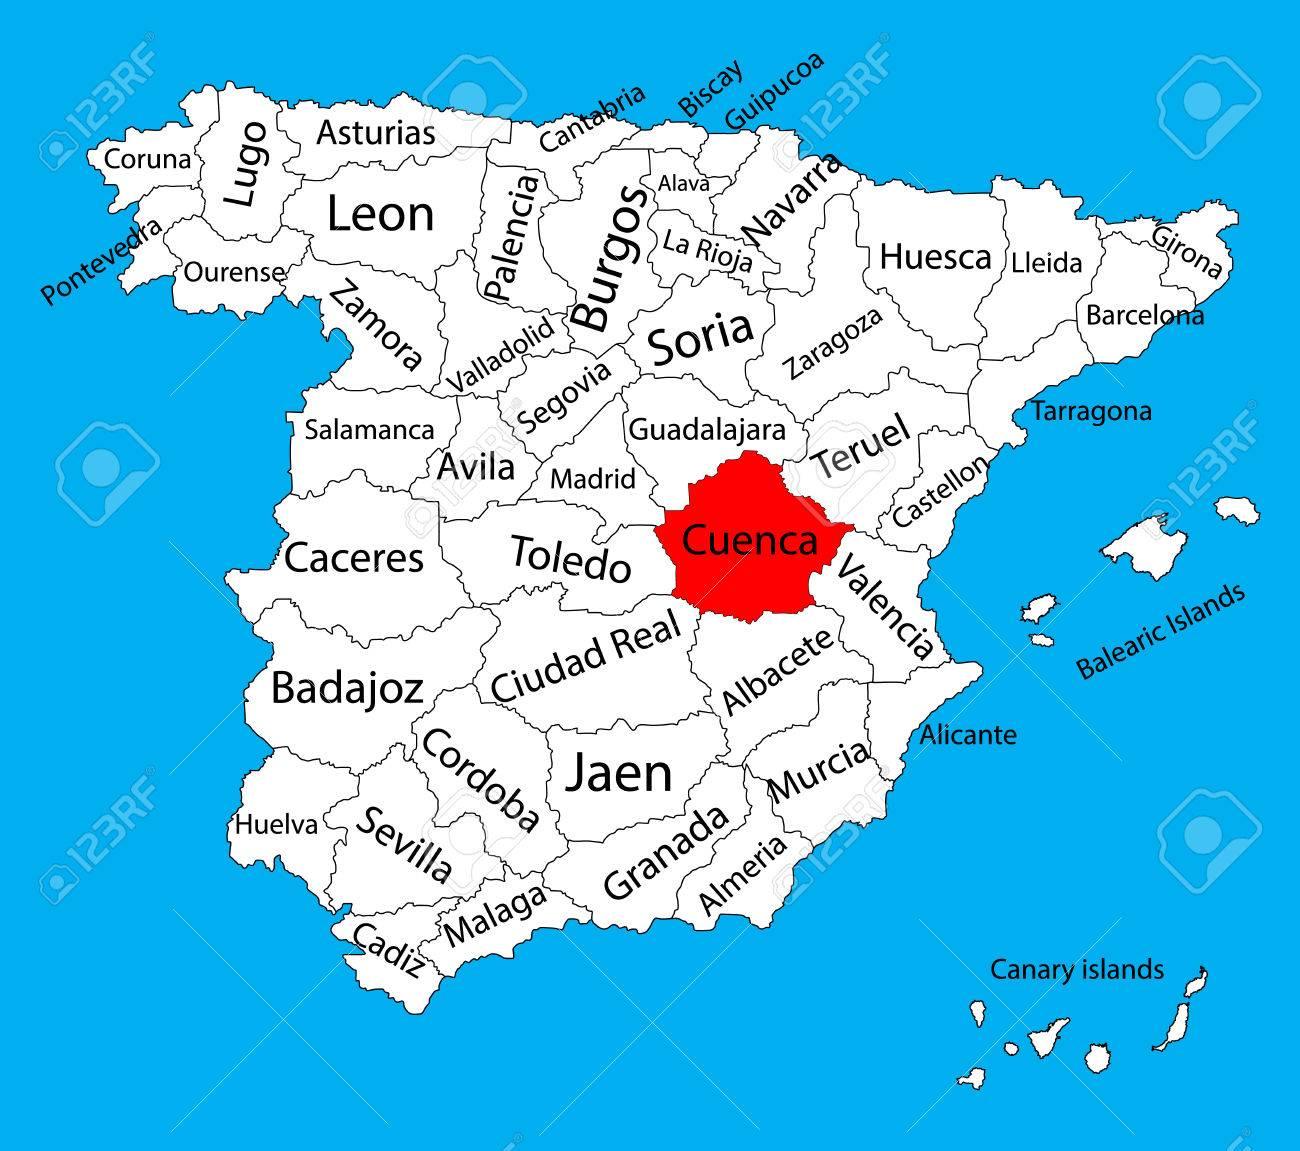 Mapa Provincia De Cuenca España.Mapa De Cuenca Mapa Del Vector De La Provincia De Espana Mapa Del Vector Detallado Alto De Espana Con Regiones Separadas Aisladas En El Fondo Mapa